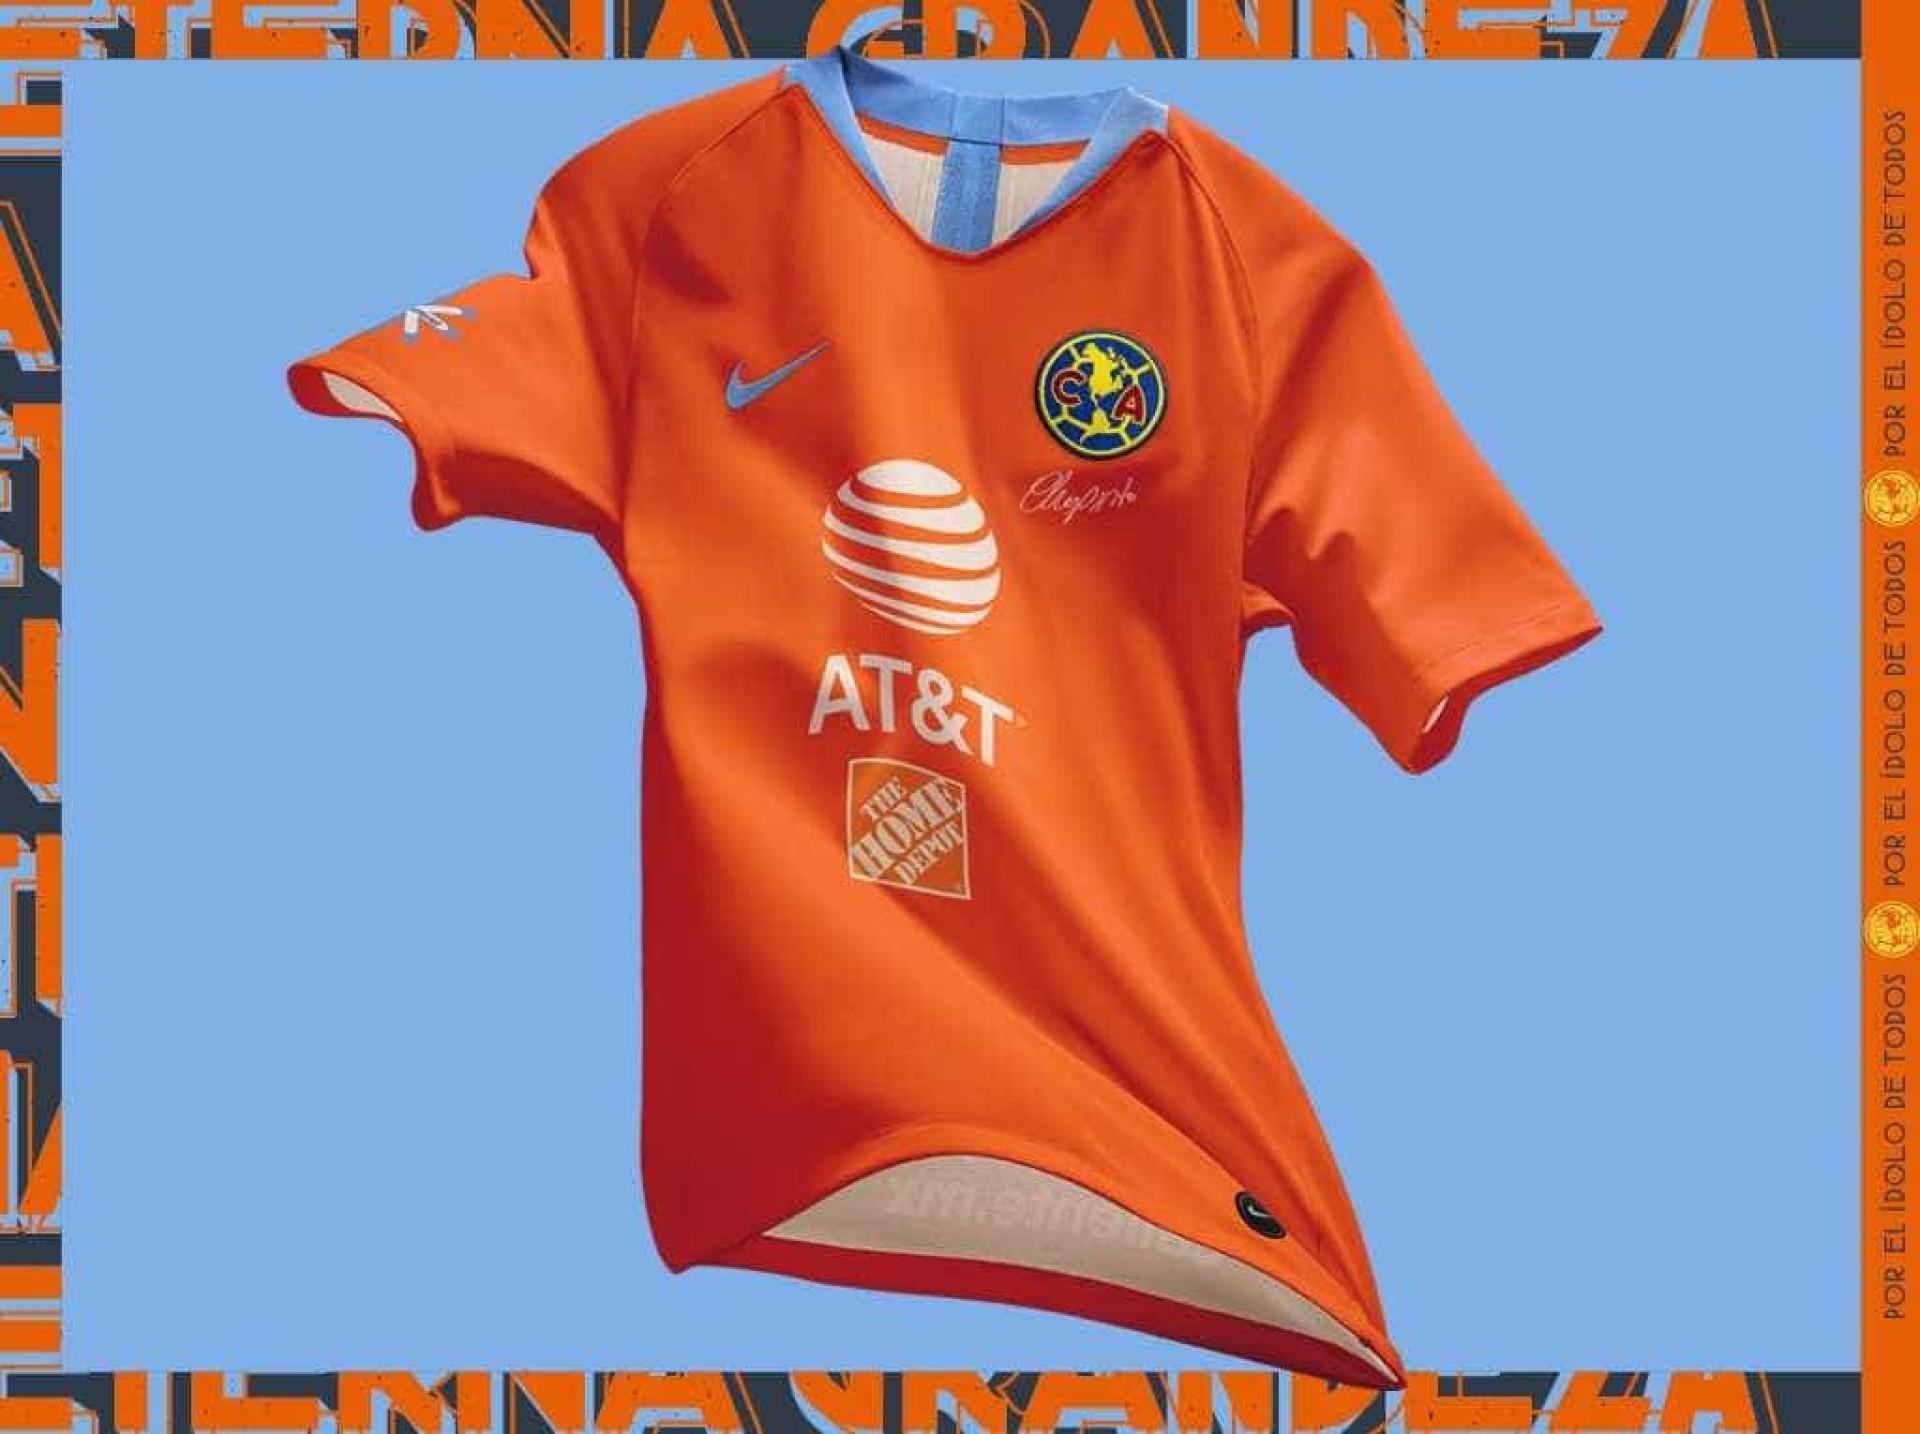 Criador do seriado Chaves é homenageado em novo uniforme do América b315483bde904